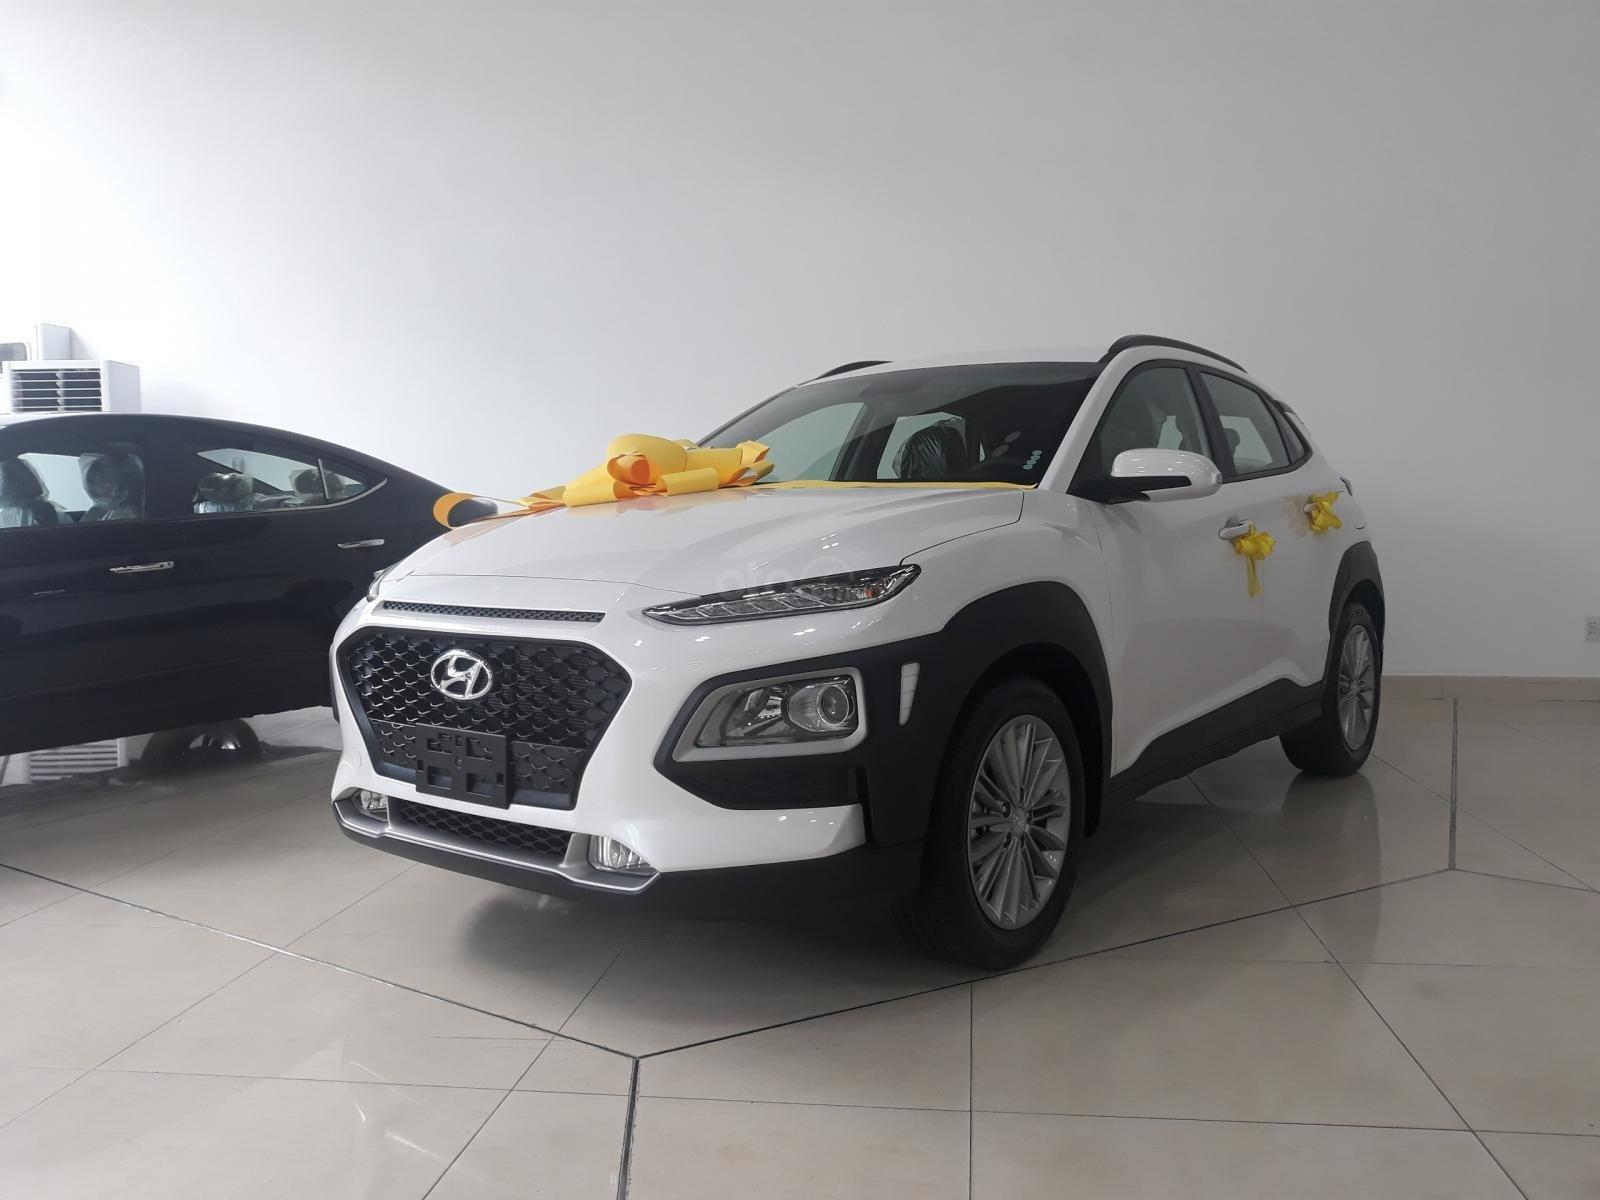 Bán Hyundai Kona 2019 đủ phiên bản - Giá tốt - LH 0915880602 (1)